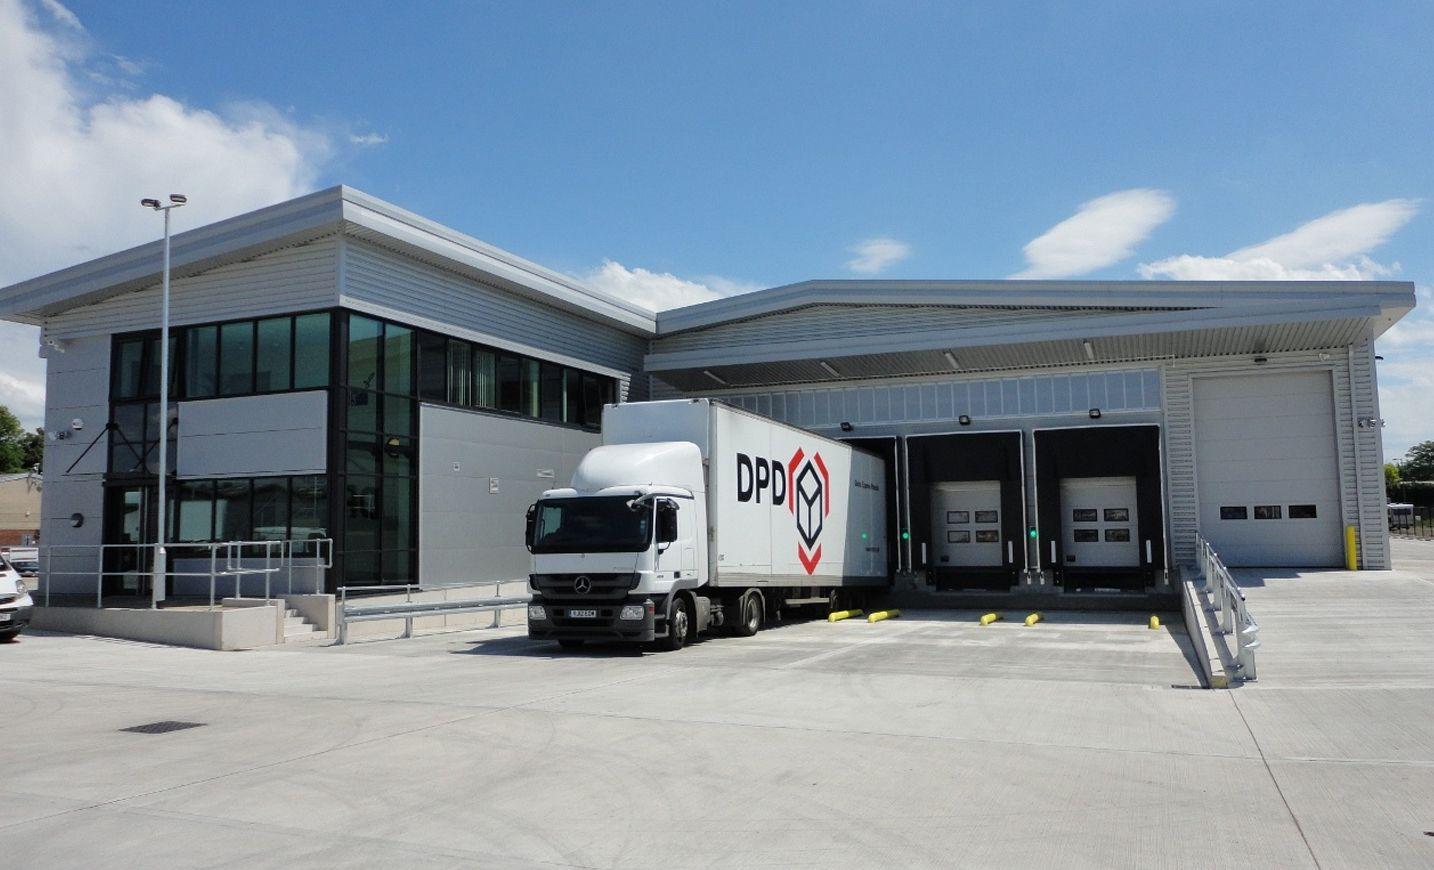 DPD distribution centre Recreational vehicles, Parcel